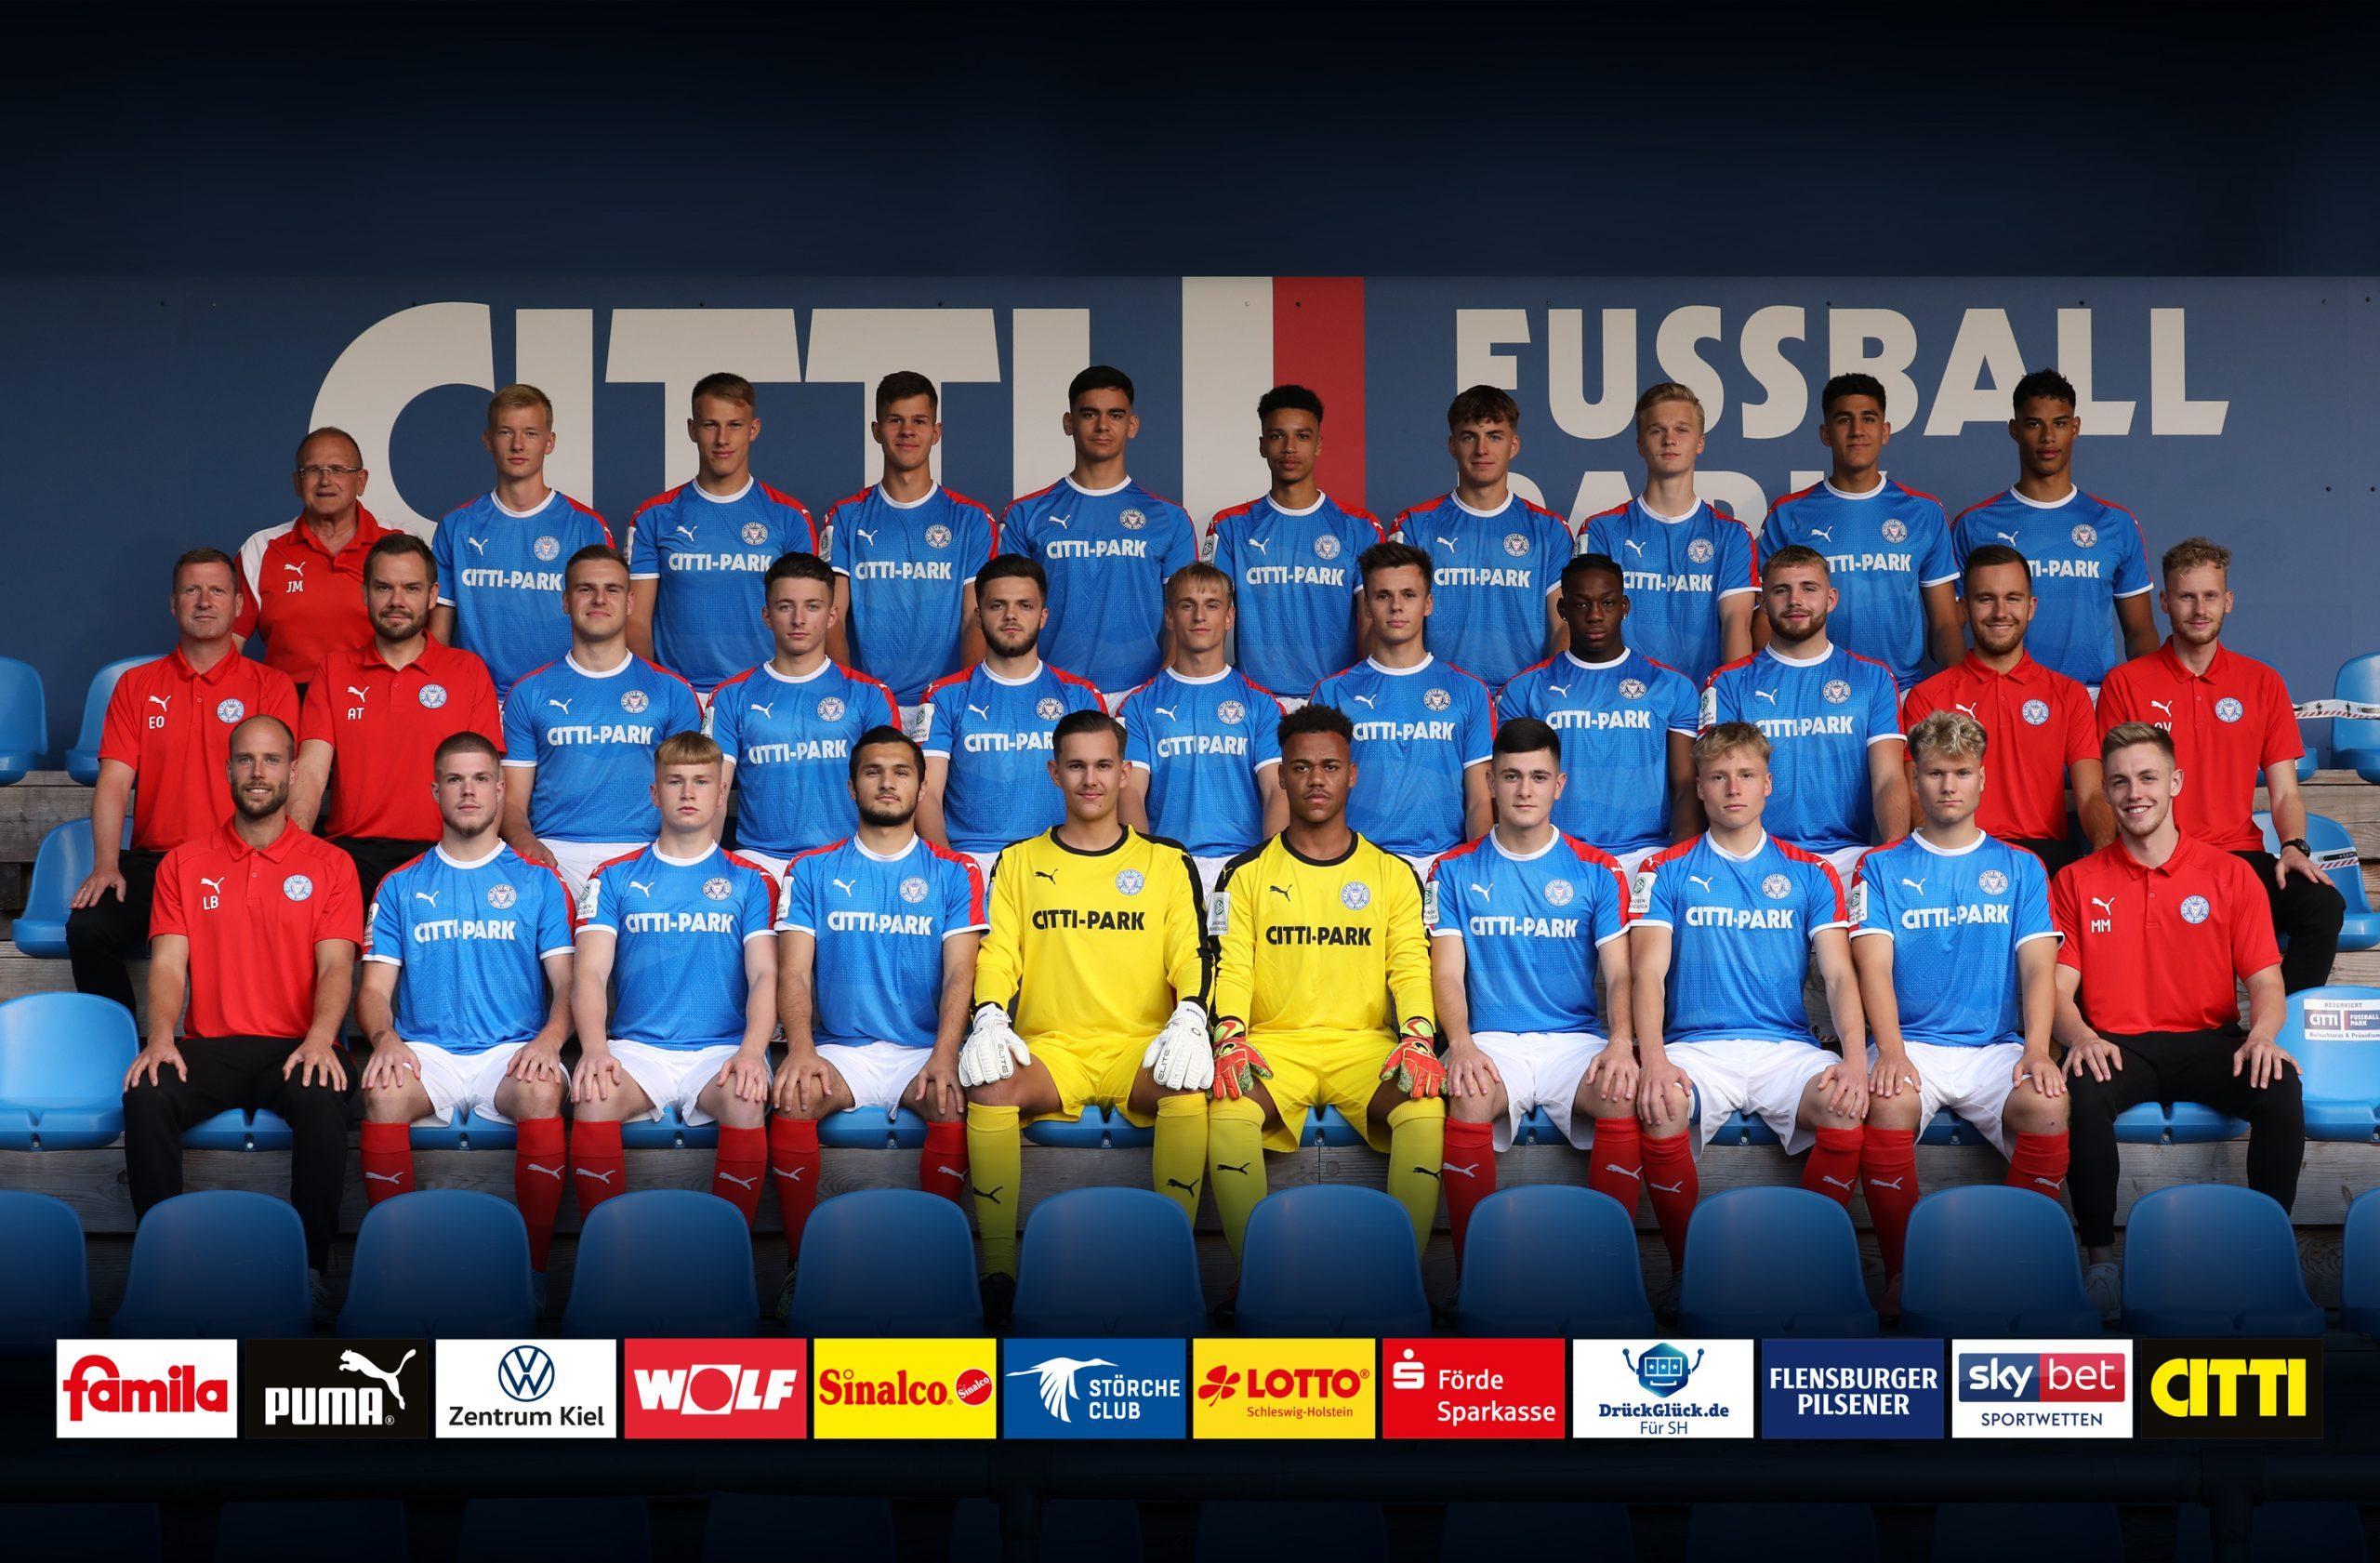 Holstein_Teamfoto_U19_02